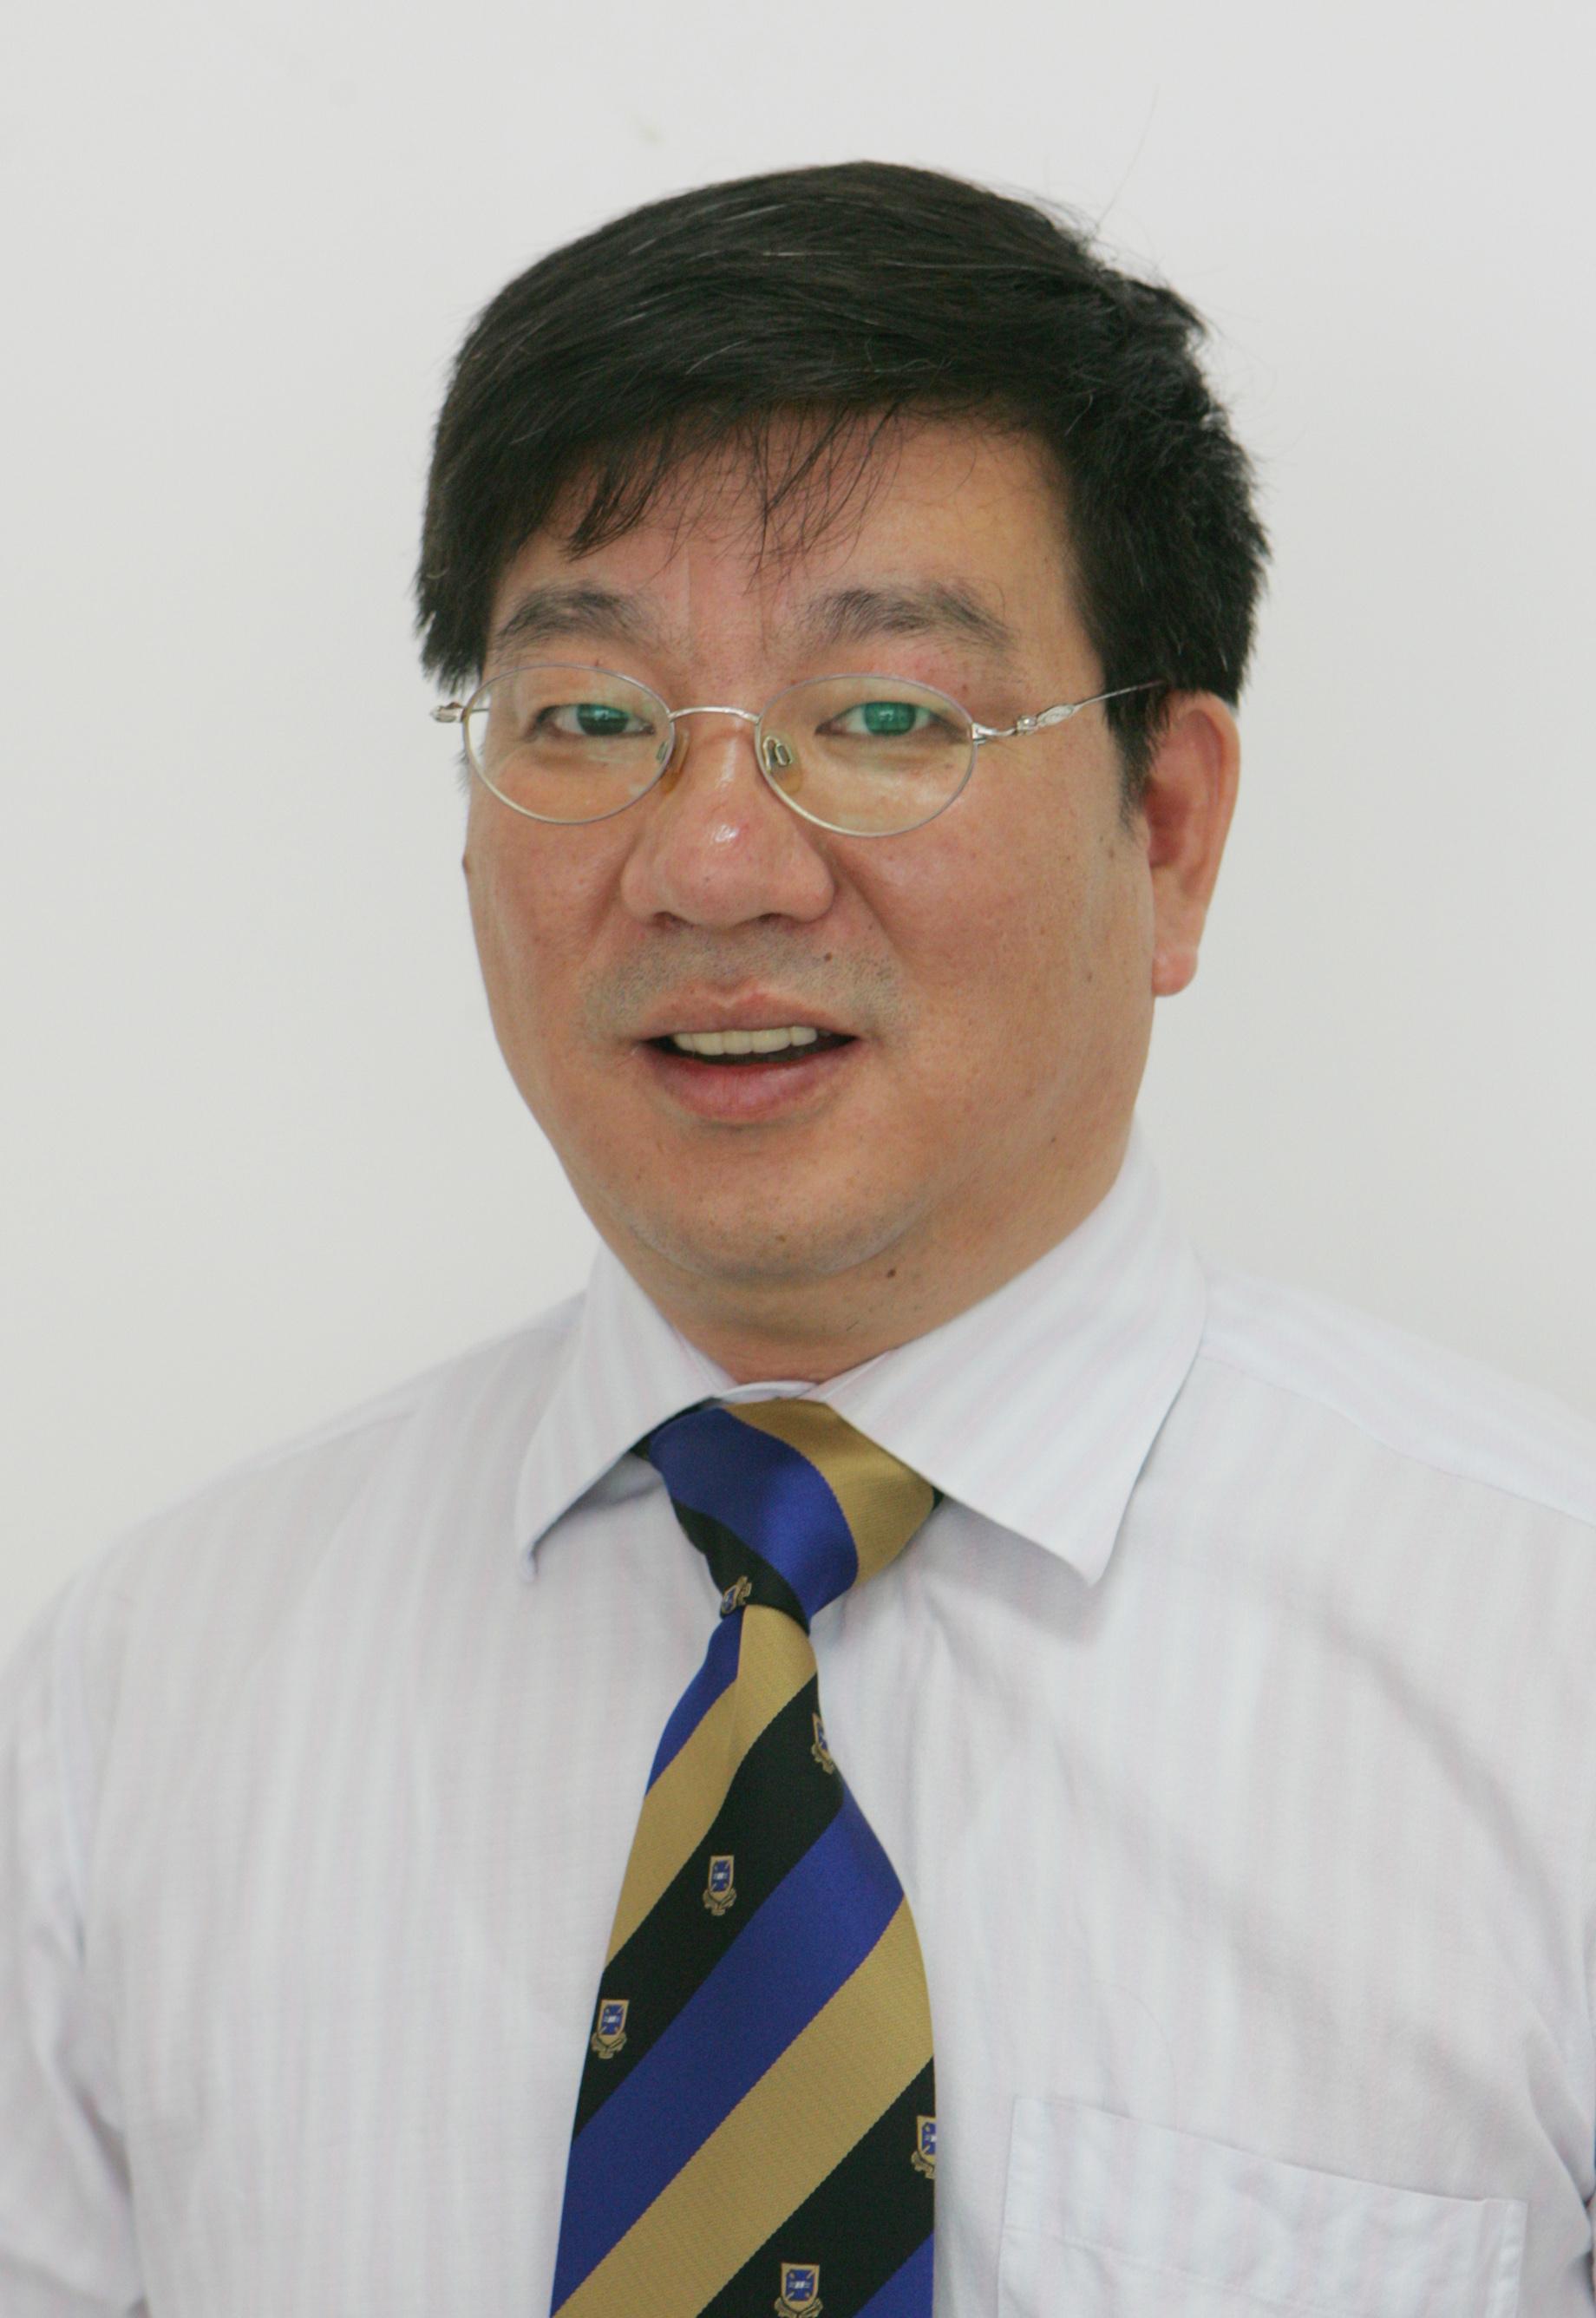 B. Zhao